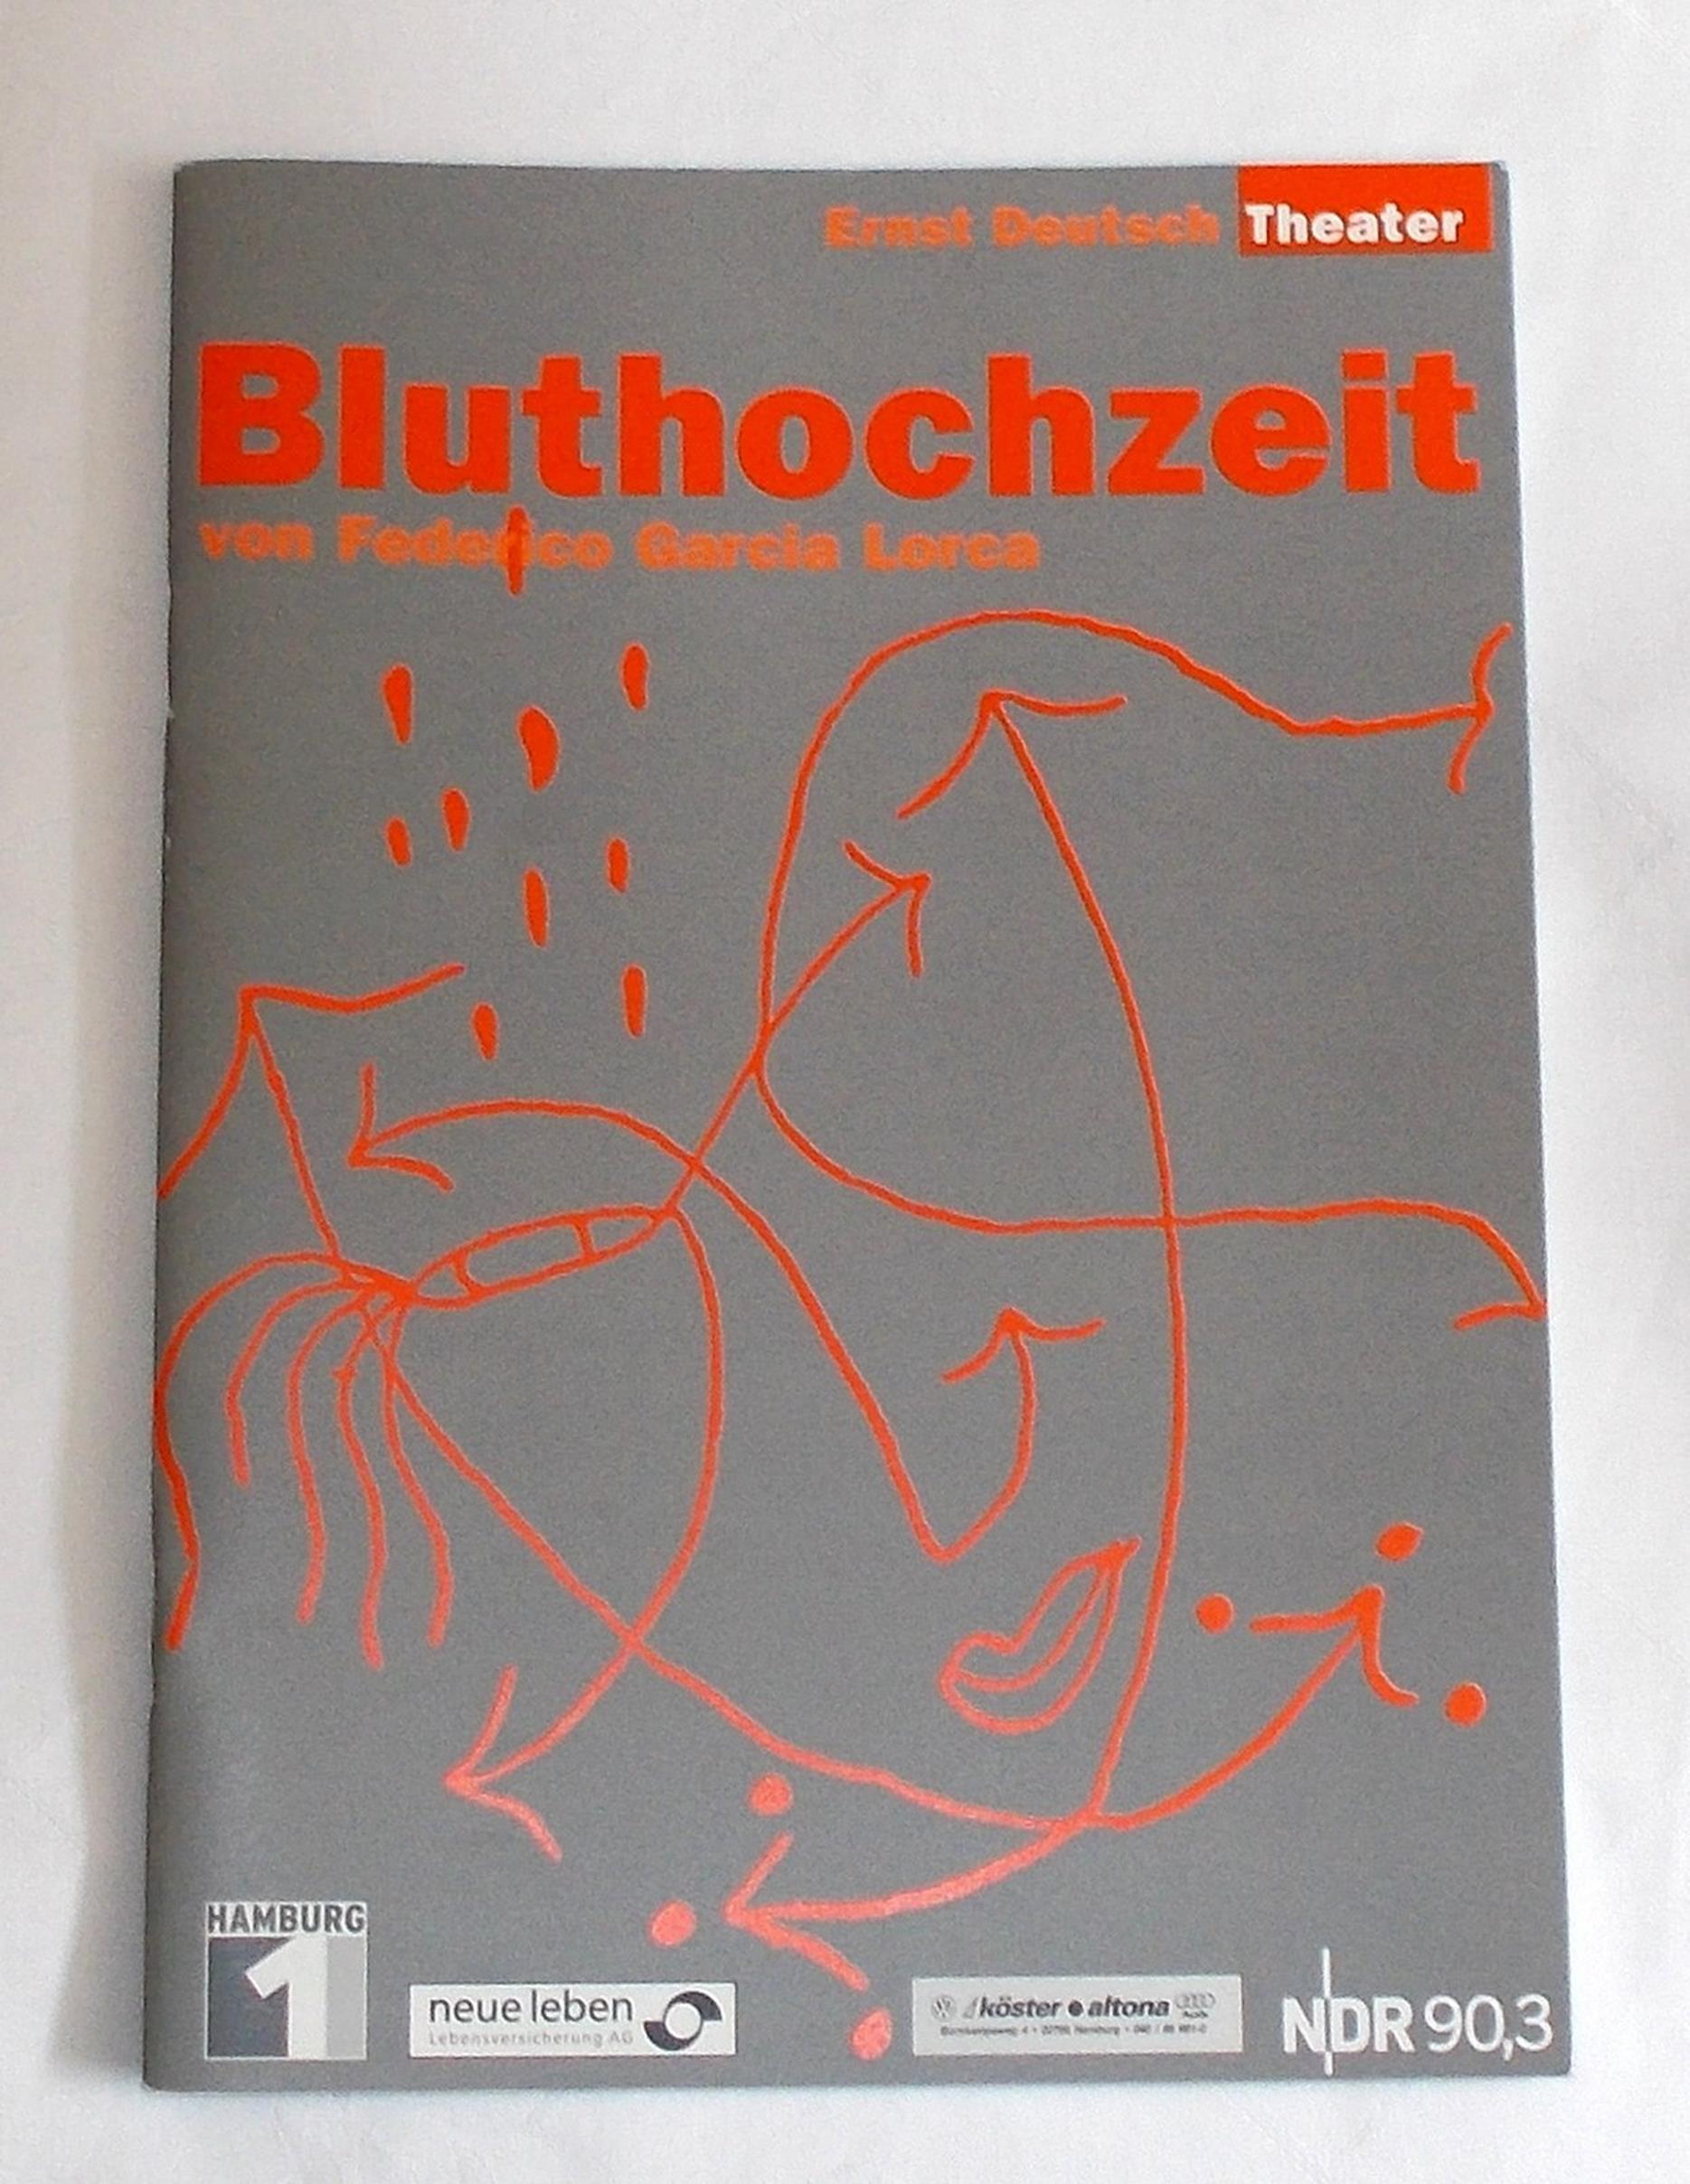 Programmheft BLUTHOCHZEIT von Federico Garcia Lorca. Ernst Deutsch Theater 2003